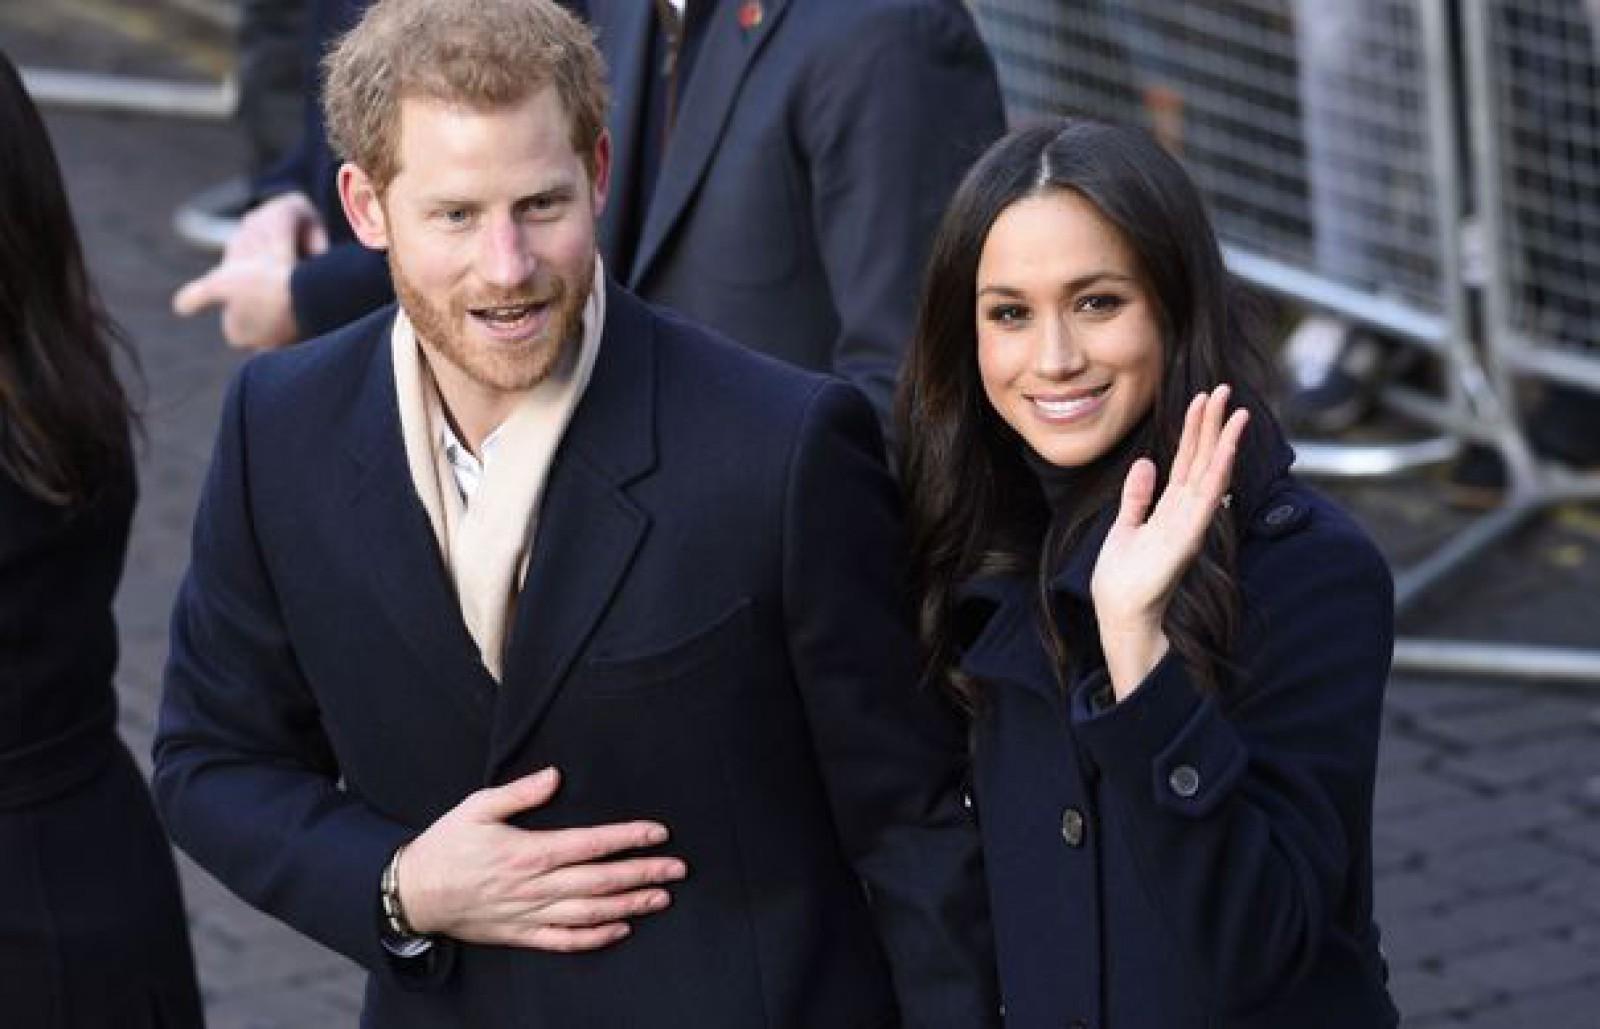 Prinţul Harry şi logodnica sa, Meghan Markle, au vorbit despre egalitatea de gen, într-o vizită la un post de radio